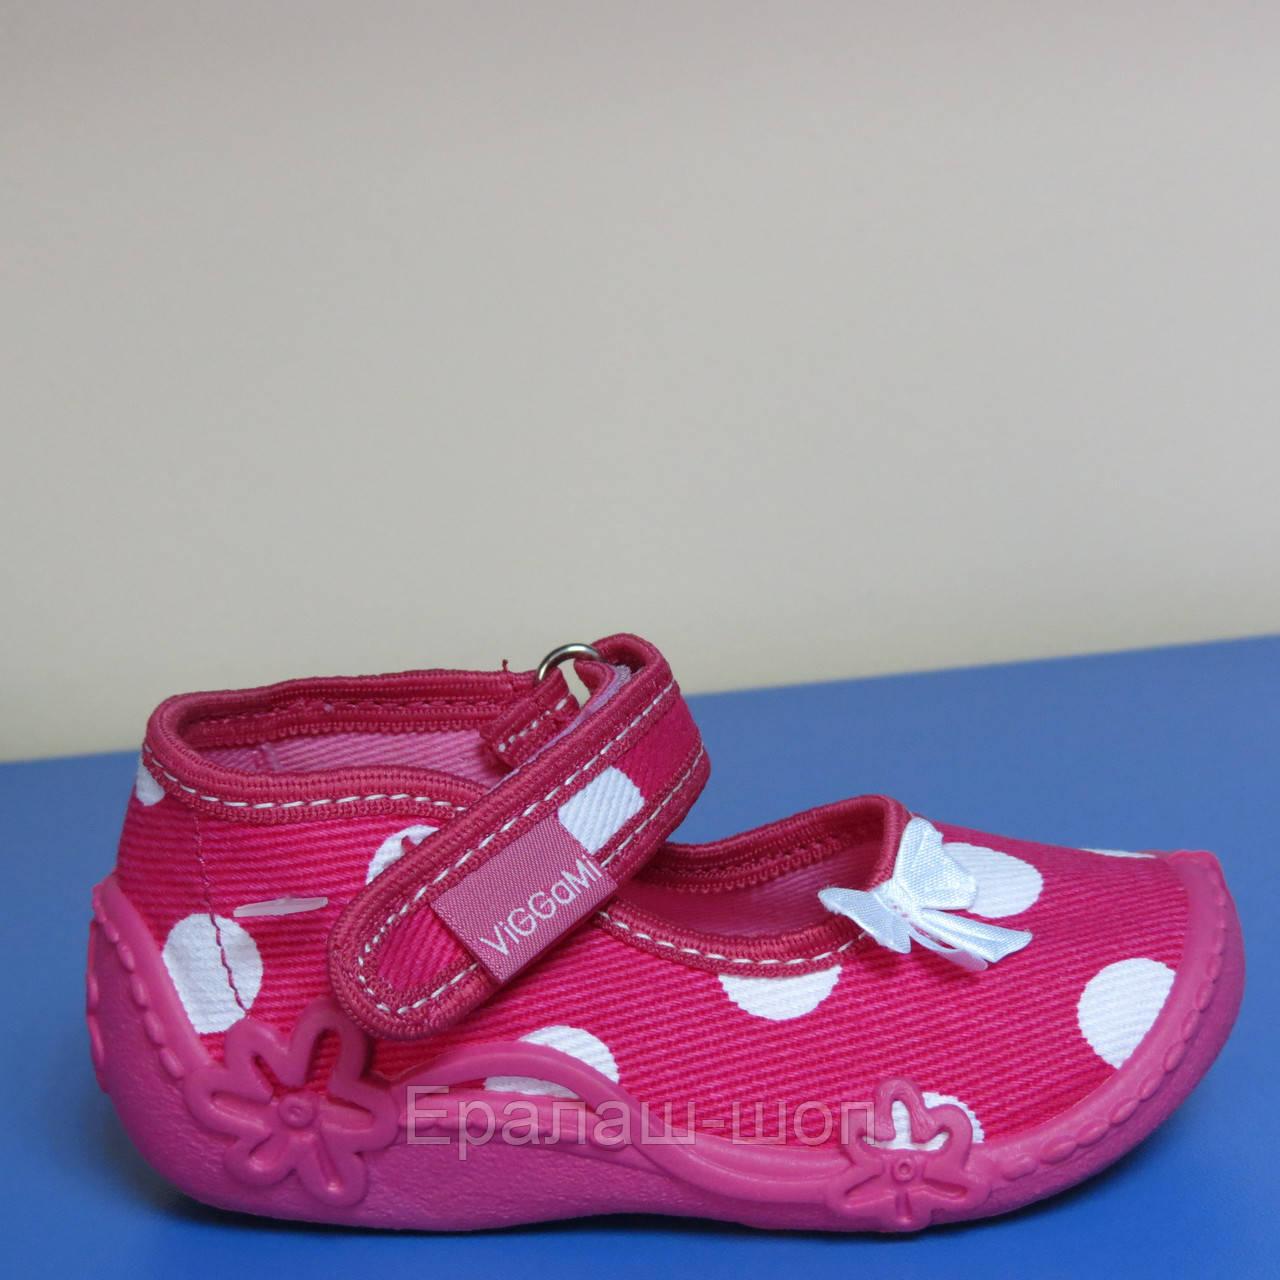 b2c51fcd1 Распродажа!Текстильная обувь для девочки Польша Viggami р.18(11см стелька)